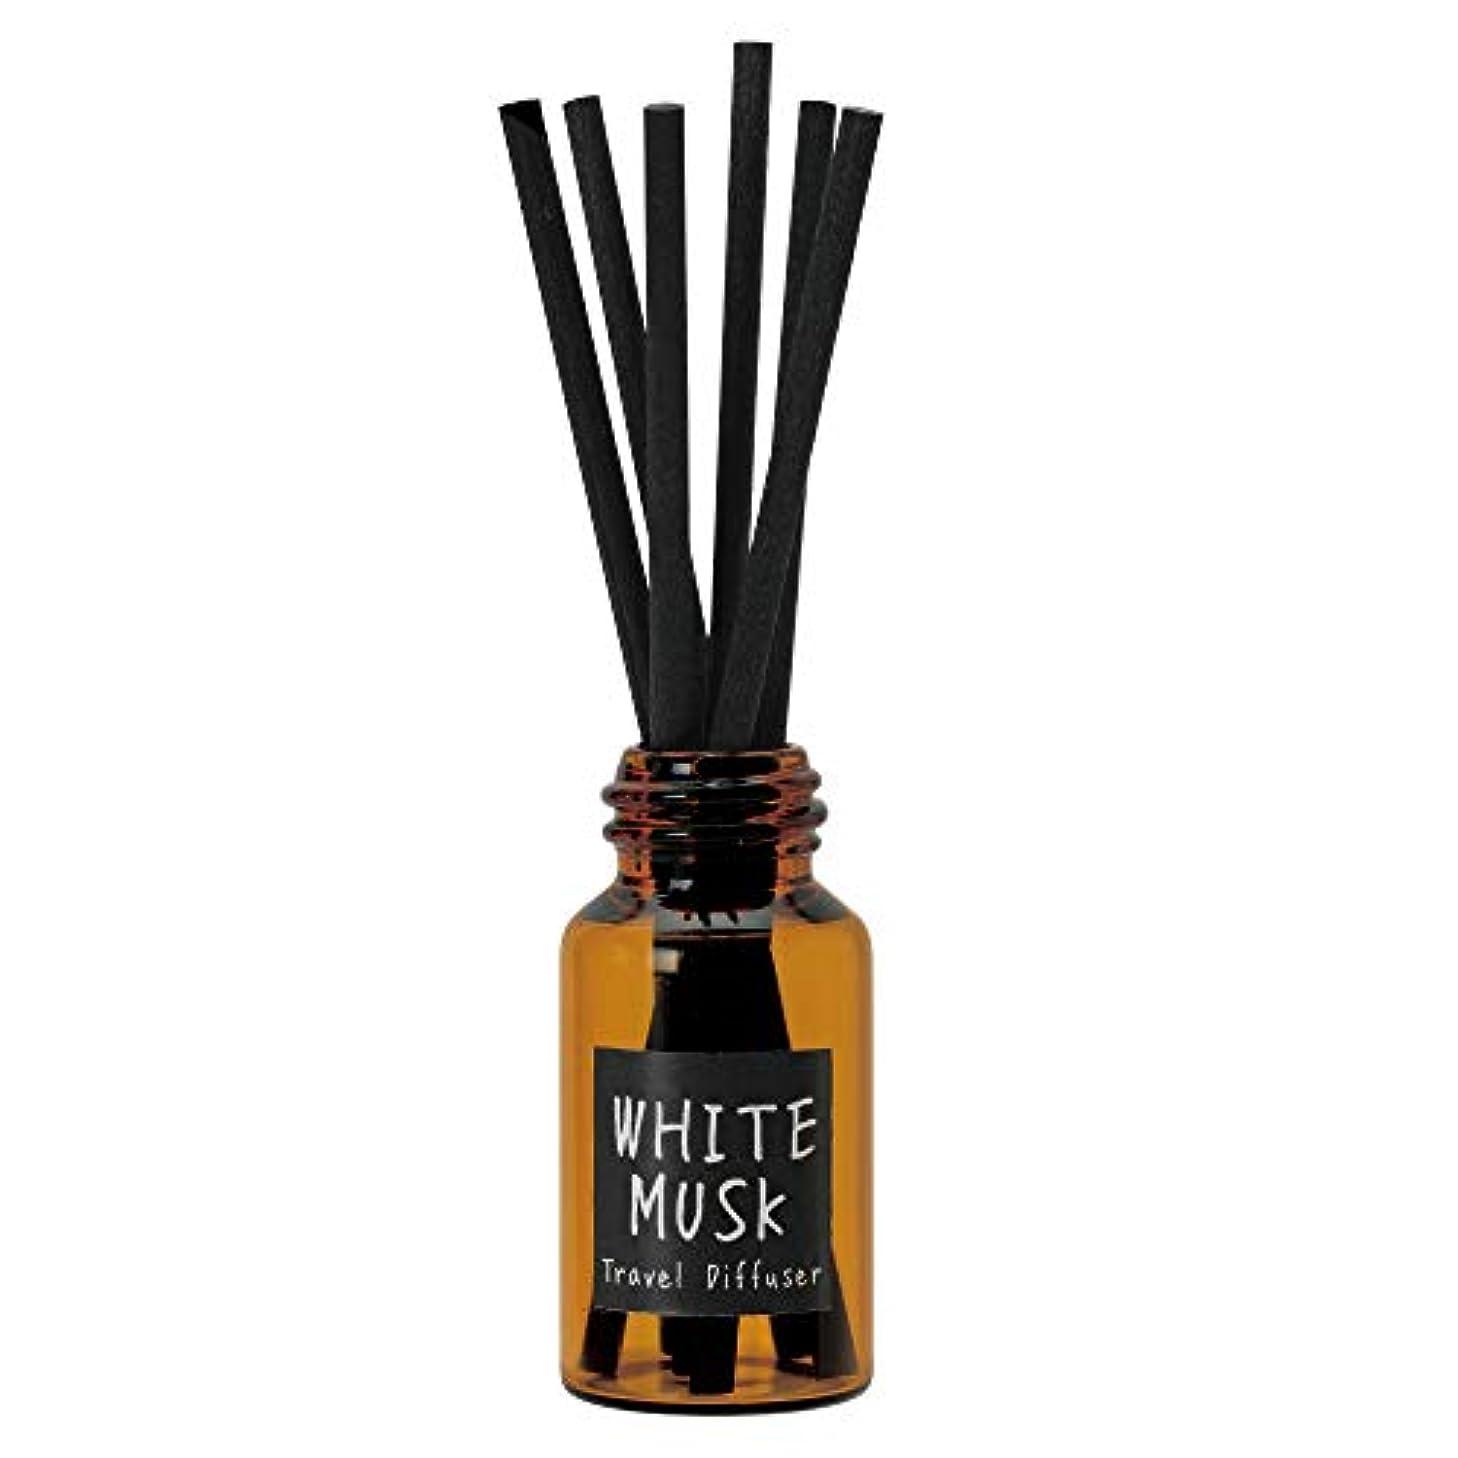 特許苦現在ノルコーポレーション リードディフューザー JohnsBlend トラベルディフューザー 携帯用 ホワイトムスクの香り OA-JON-16-1